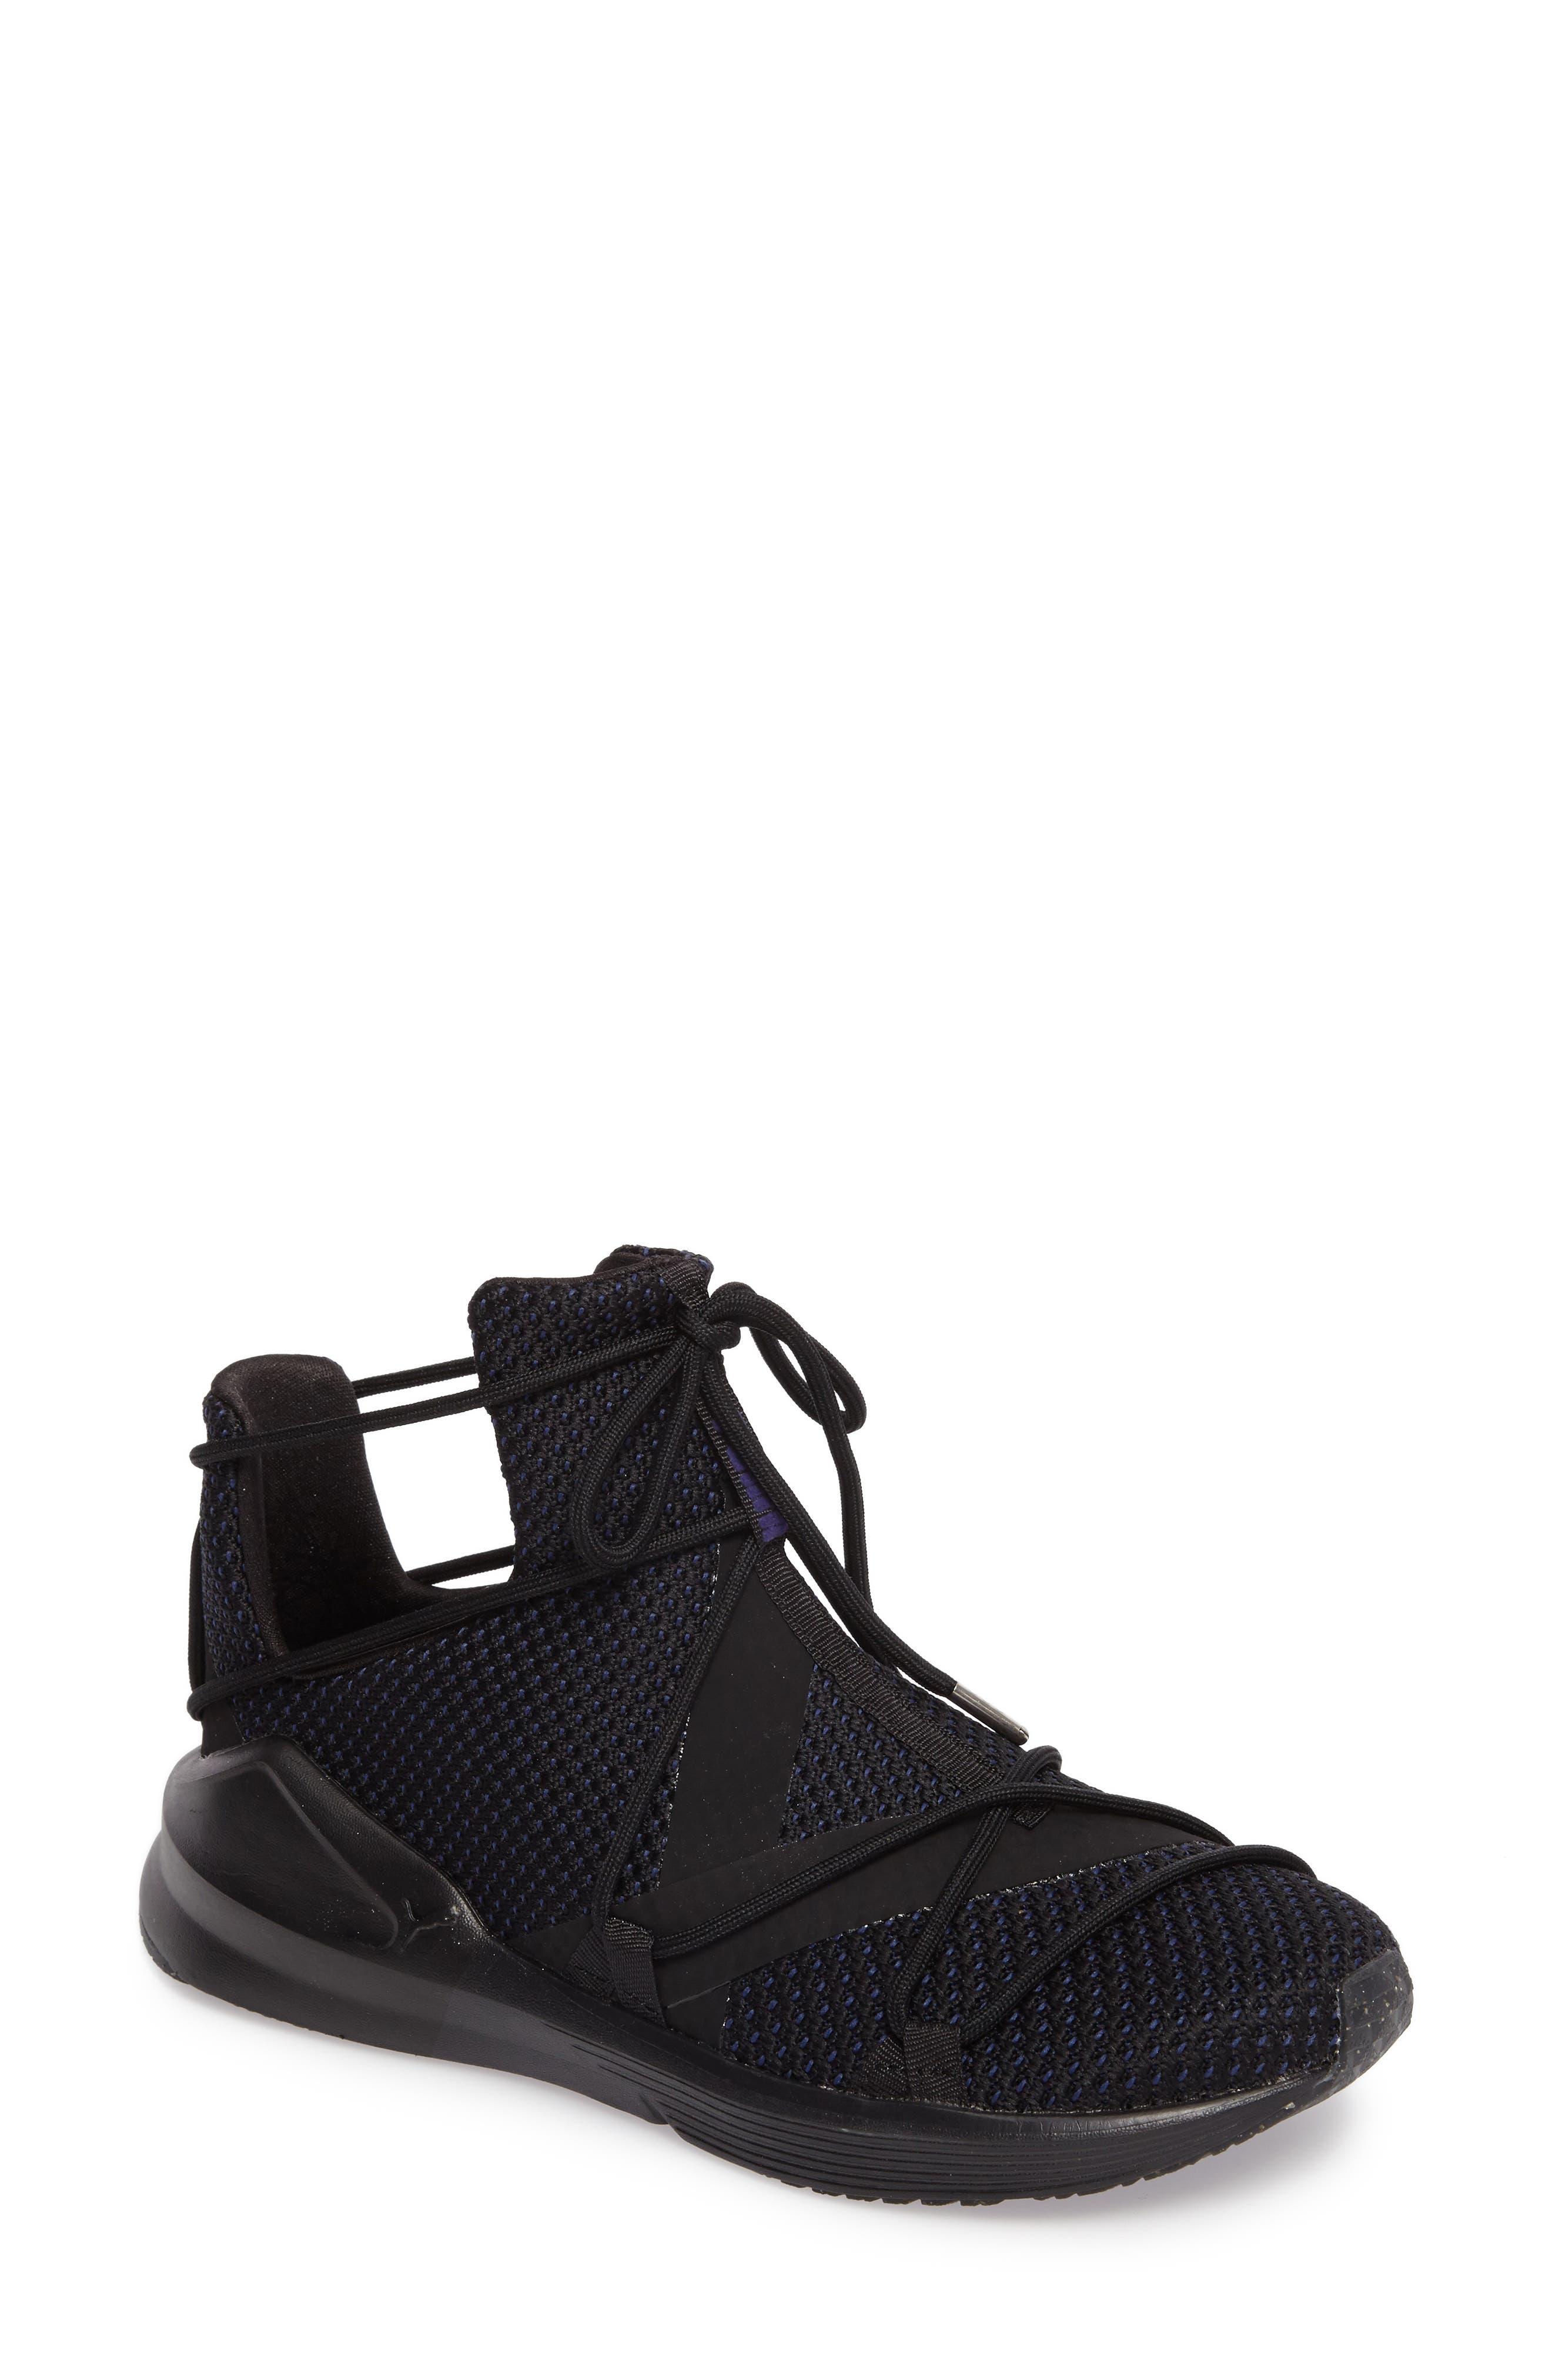 PUMA Fierce Rope Training Sneaker (Women)